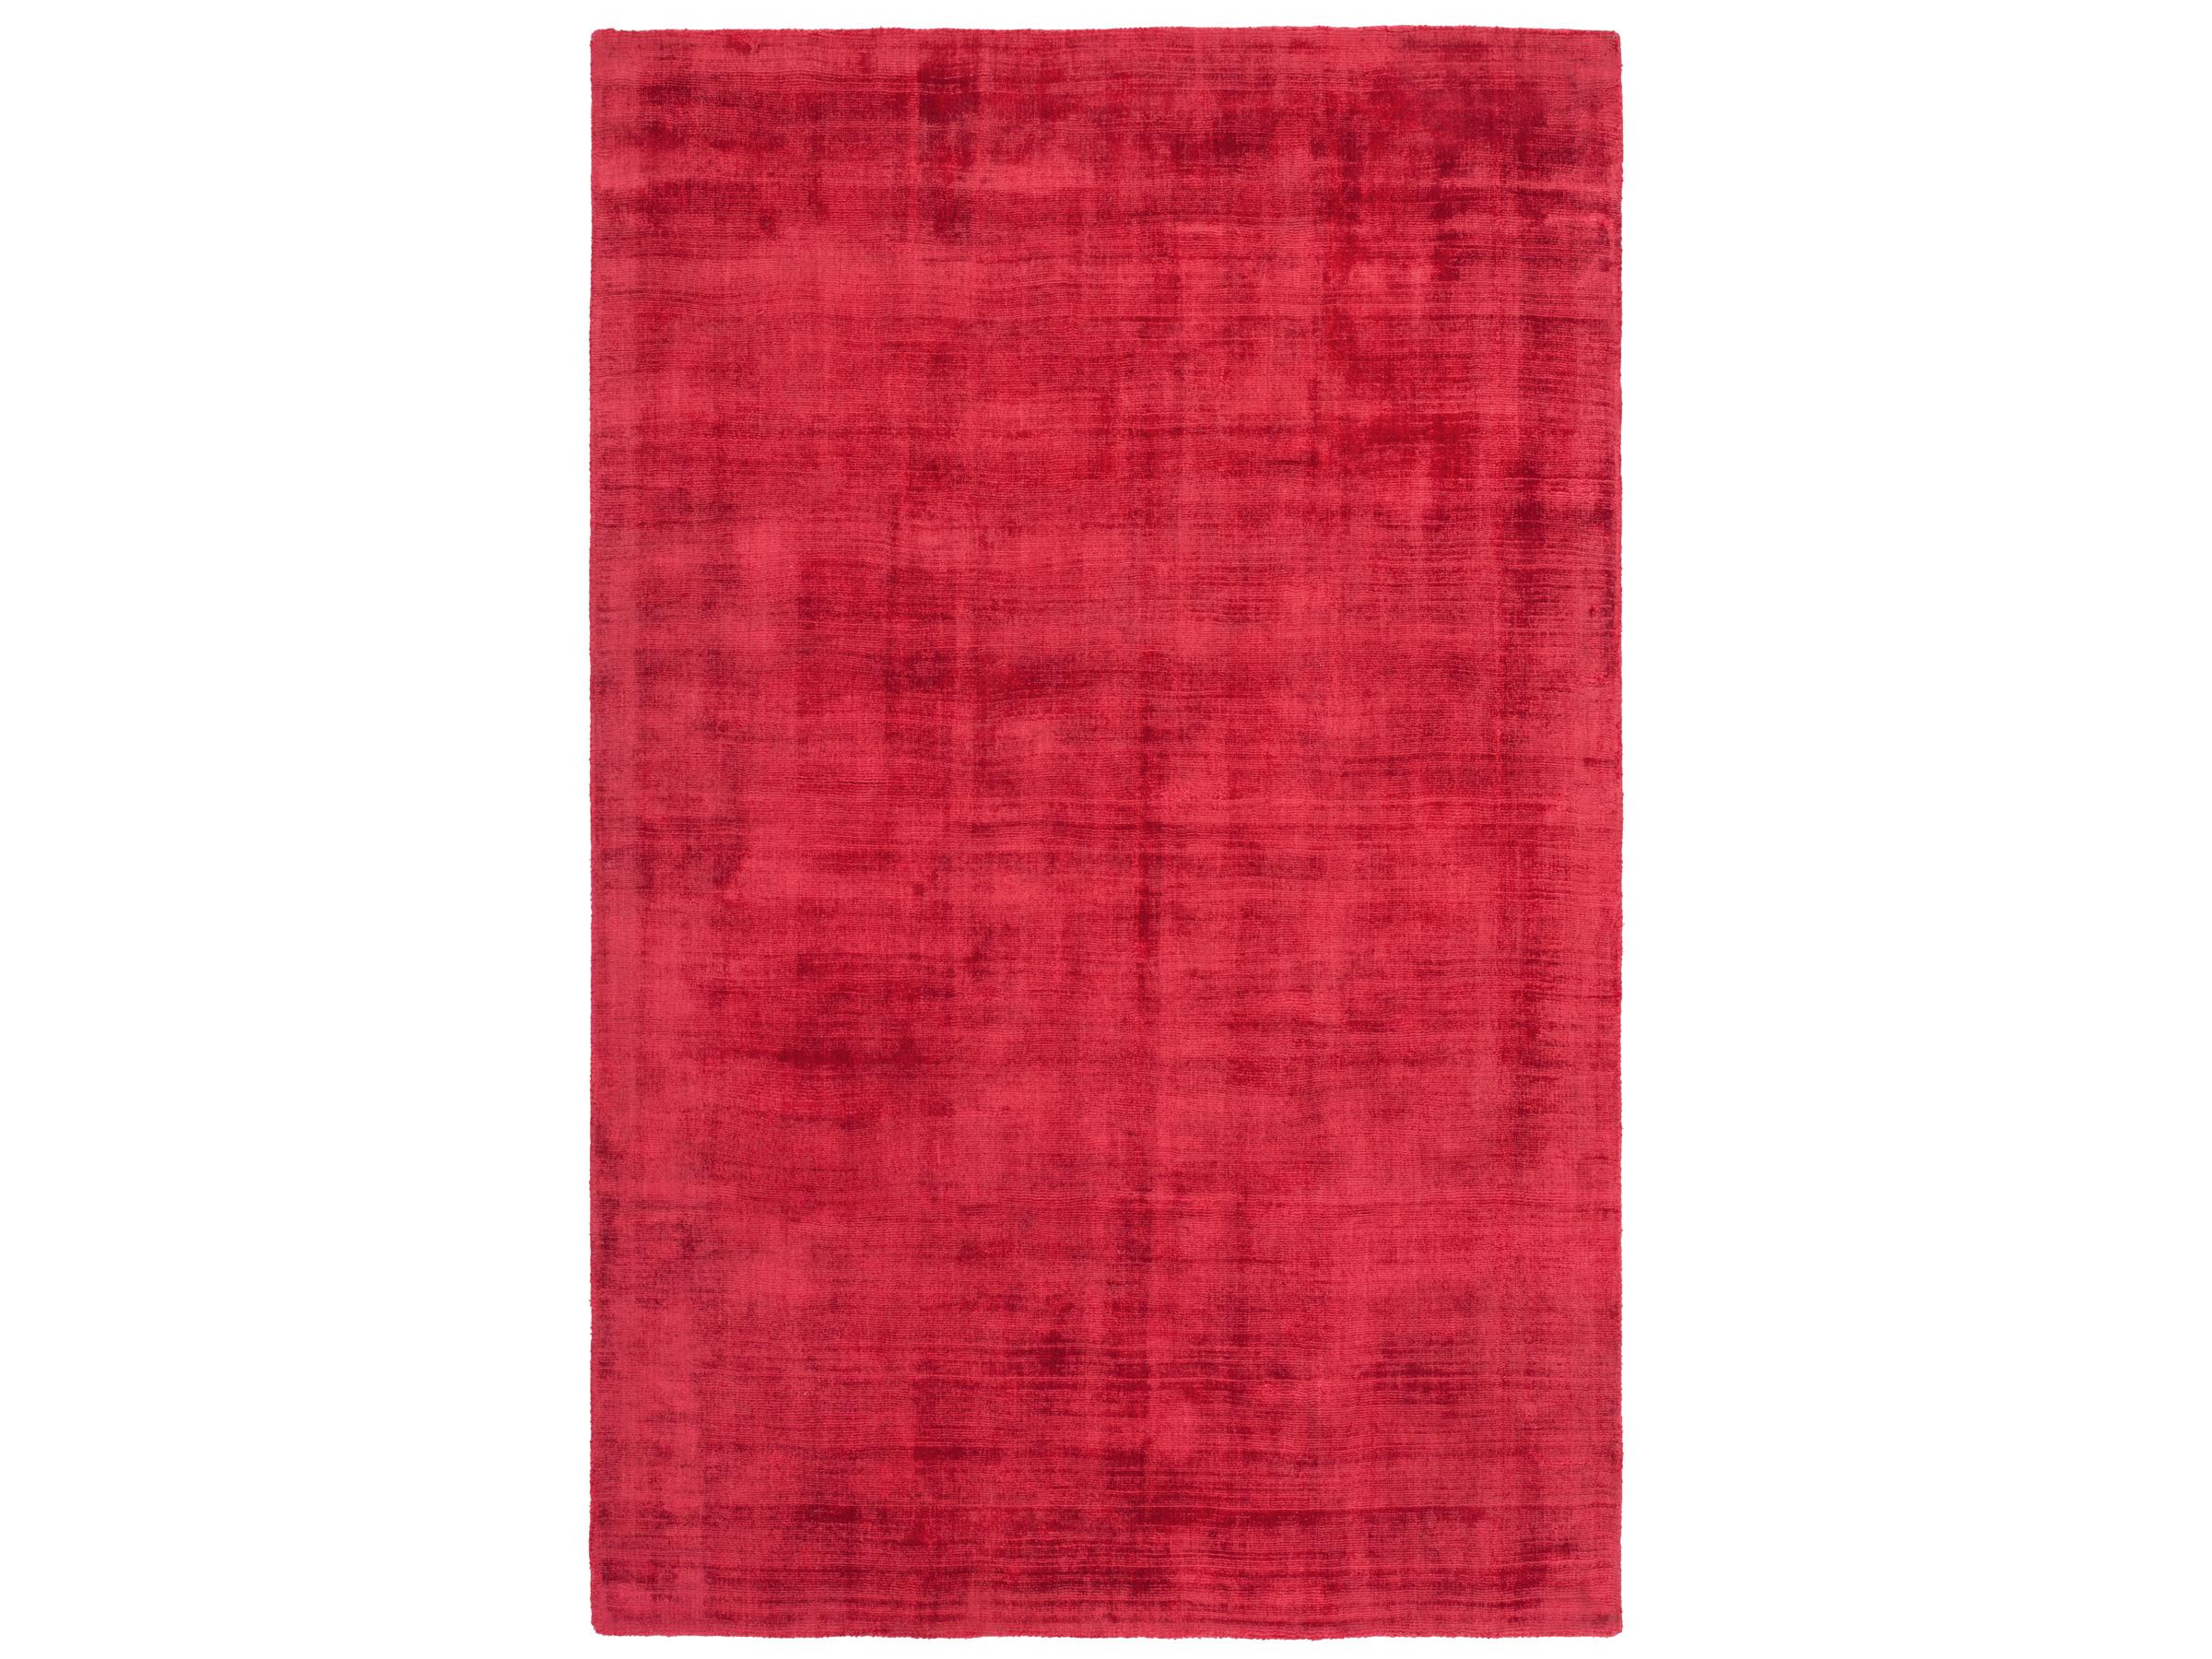 Rood Tapijt Aanbiedingen : Laagpolig rood tapijt kopen? vloerkleden kameraankleden.nl